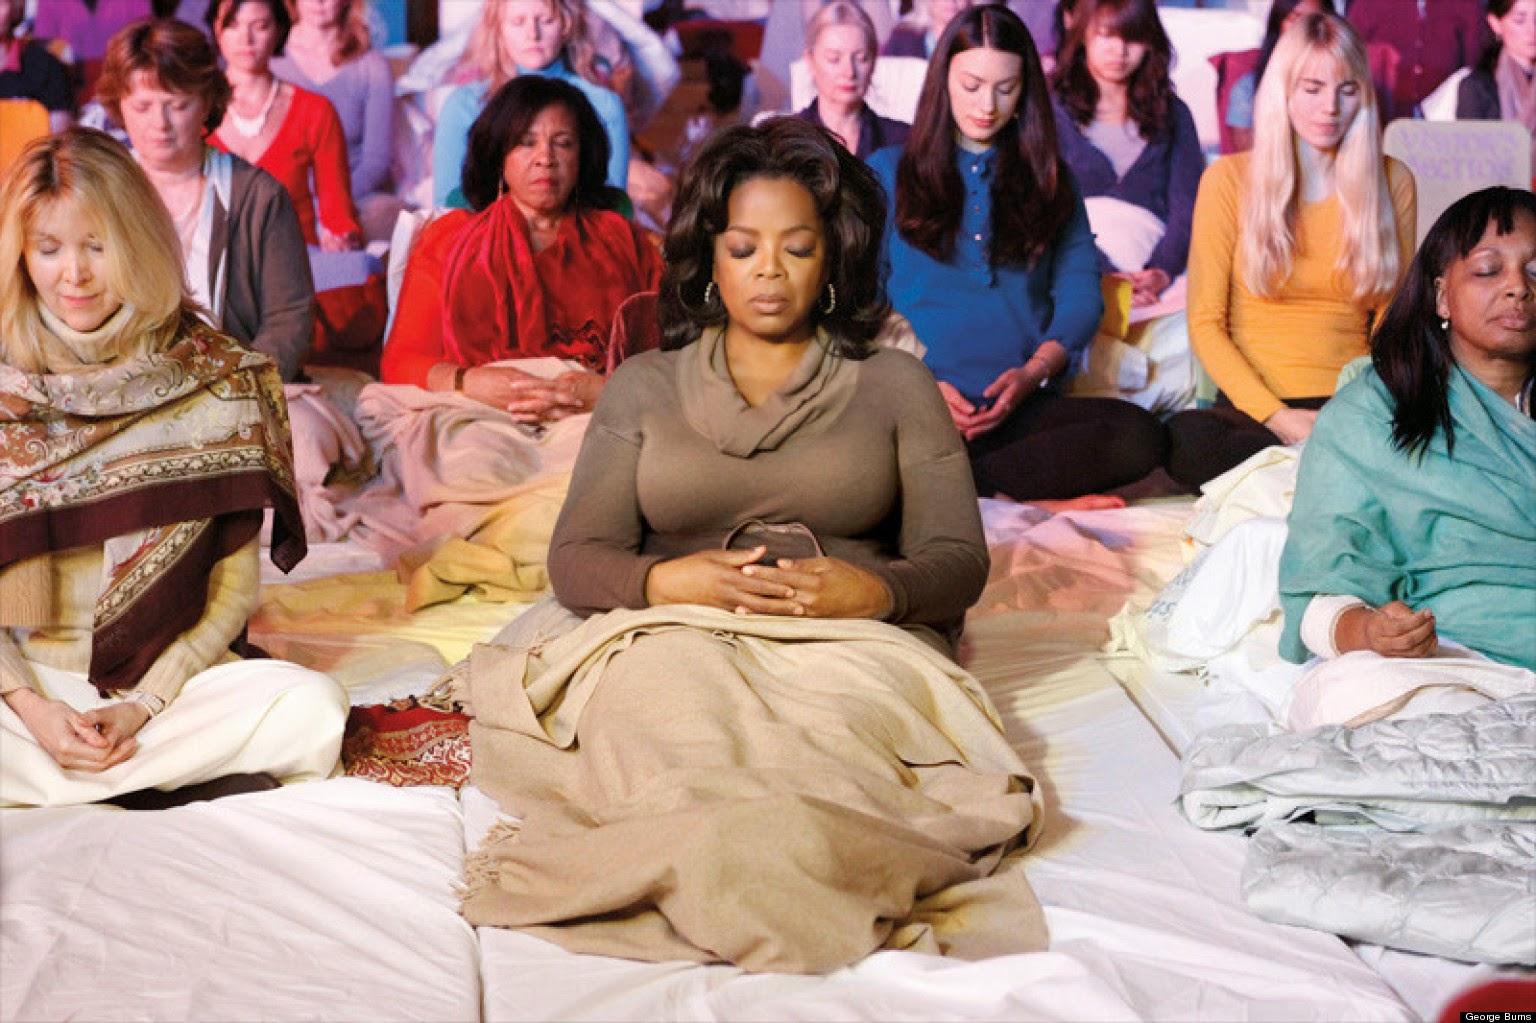 nguoi thanh cong - Oprah Winfrey - elle viet nam